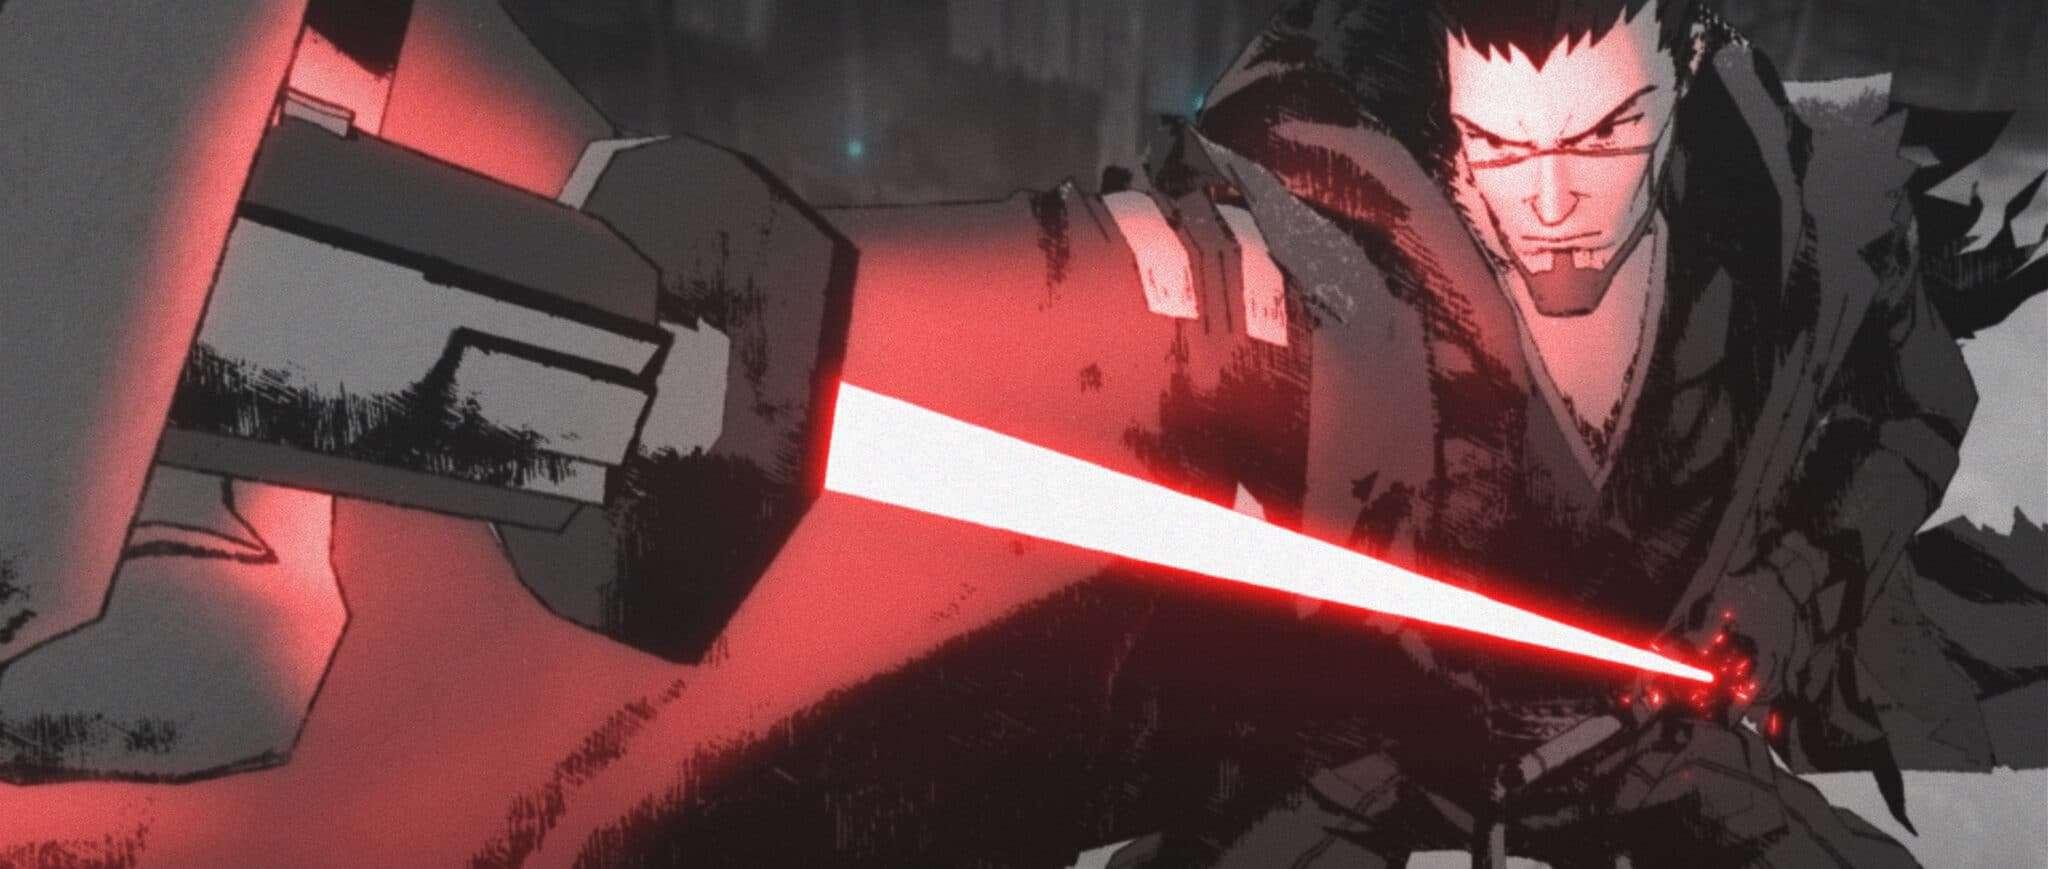 , Star Wars: Visions potrebbe avere una seconda stagione, Star Wars Addicted